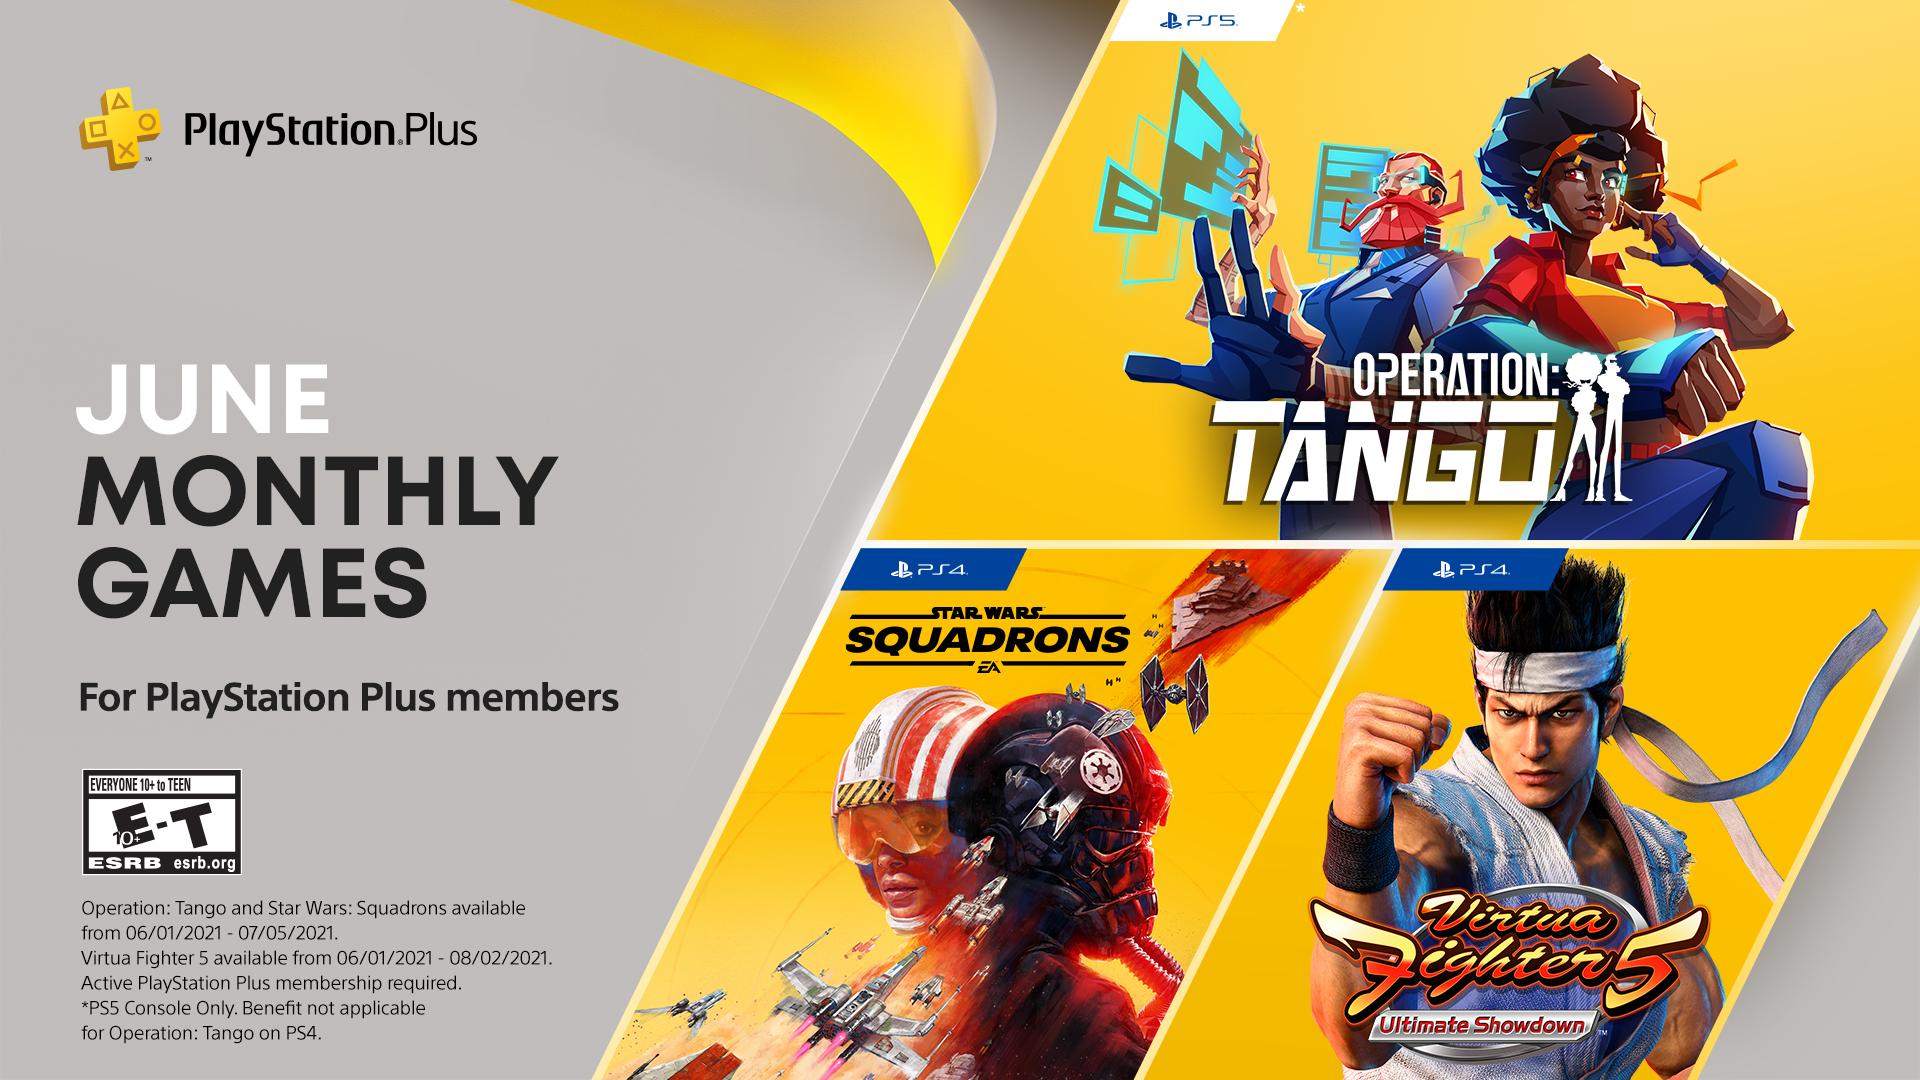 Här är Playstation Plus-spelen för juni månad